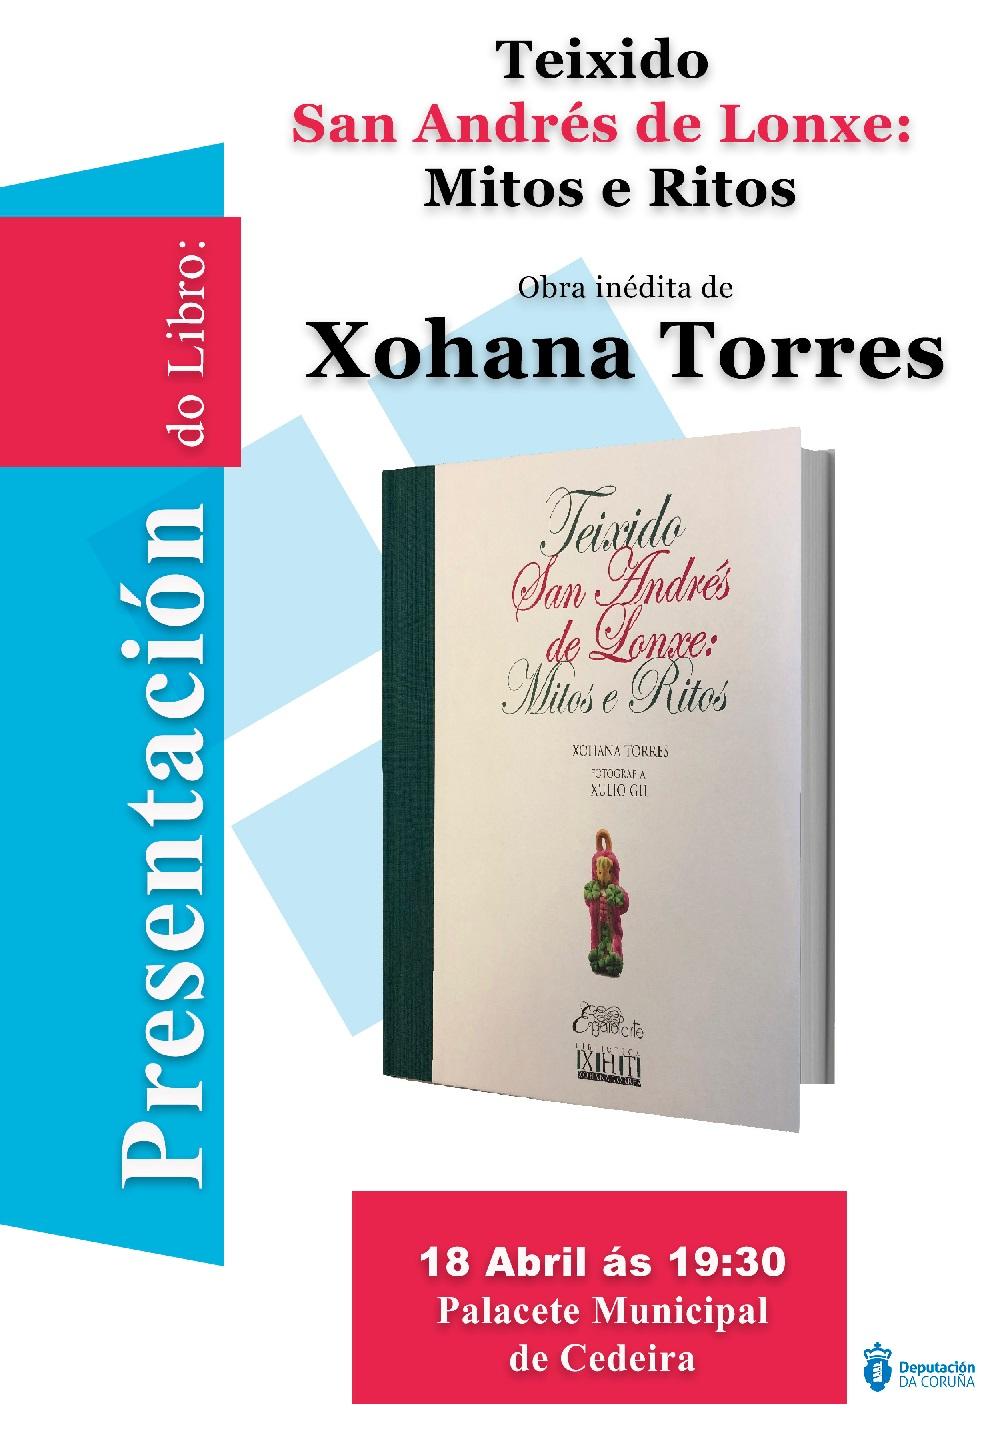 Presentación en Cedeira do libro inédito sobre Teixido de Xohana Torres